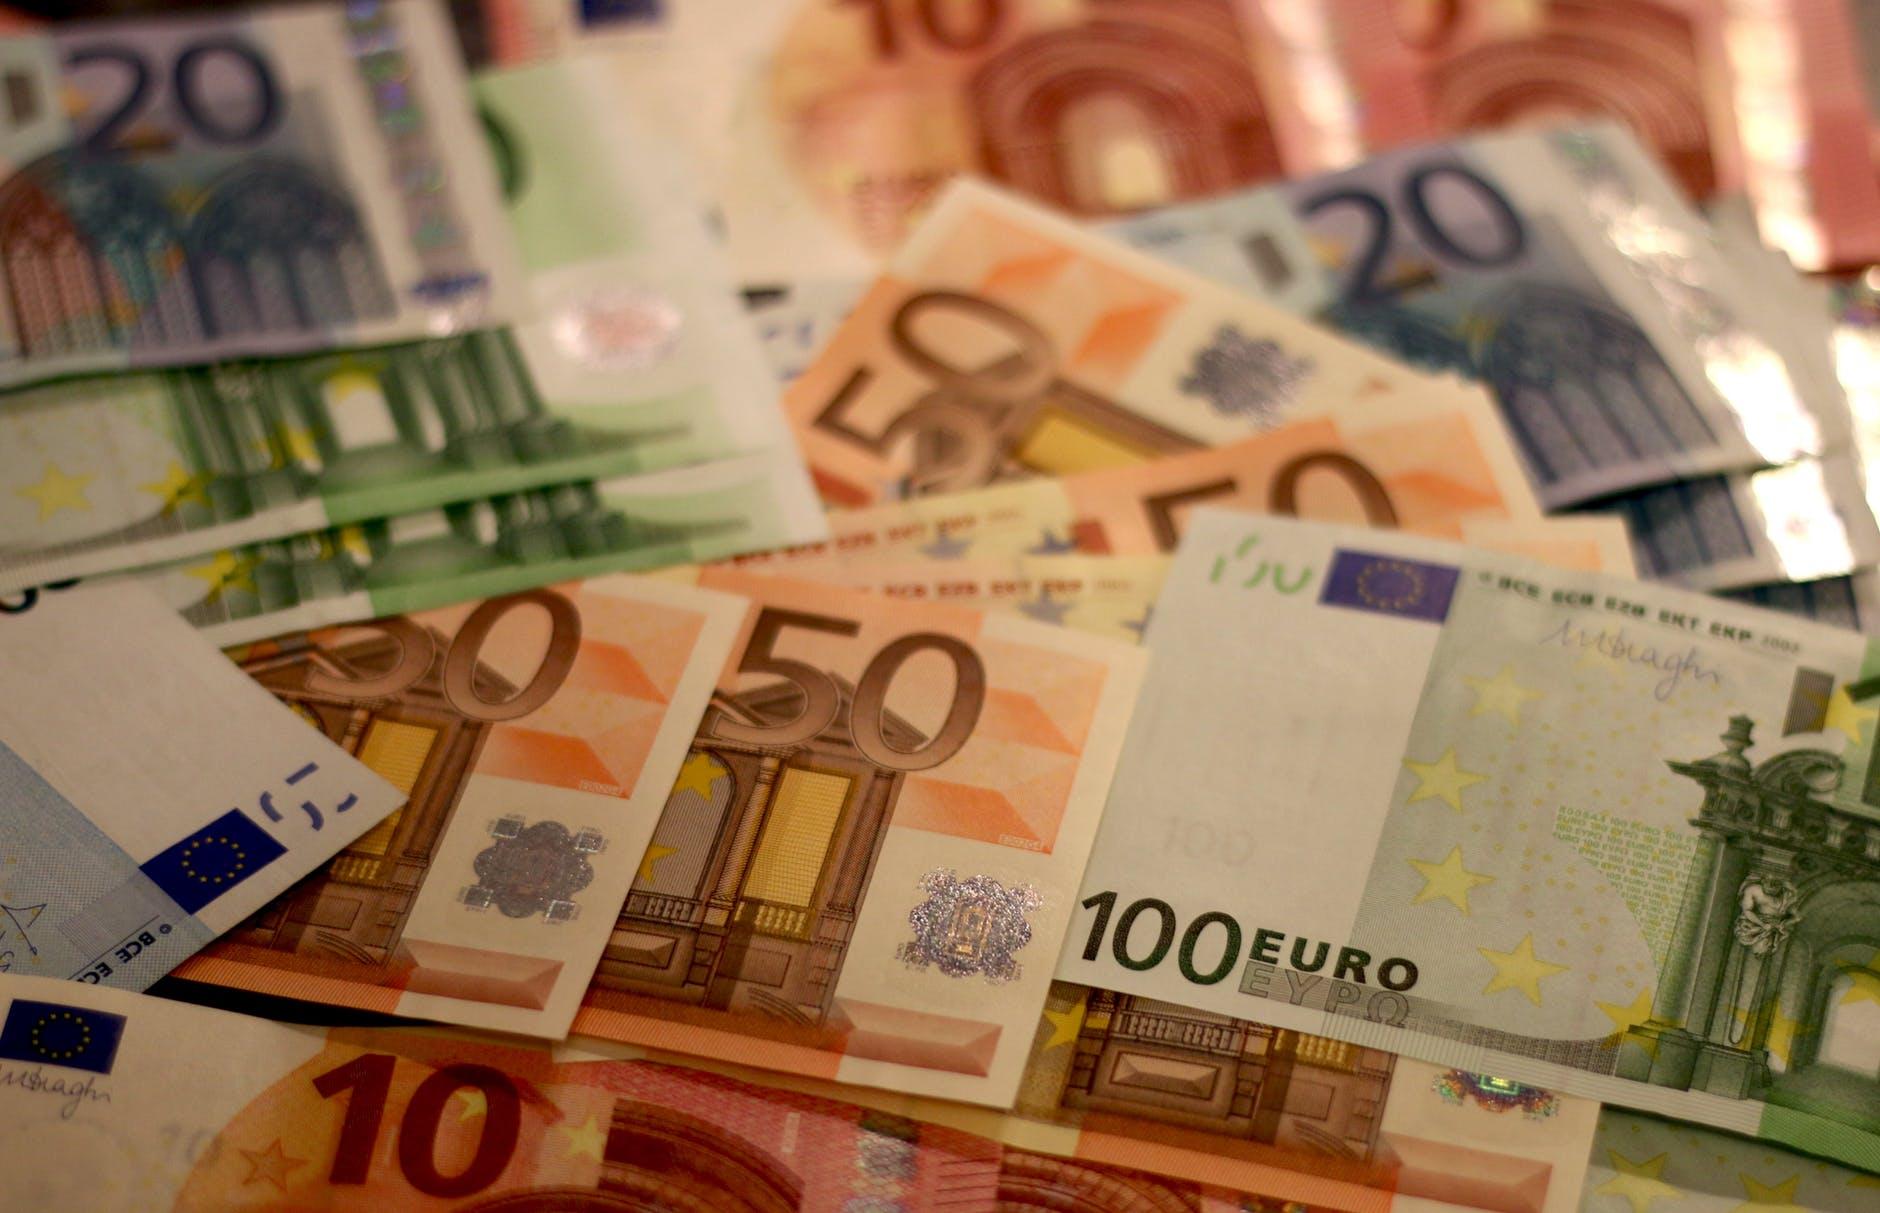 Nieuwe oproep: inwoner moet contant kunnen betalen - Pixabay op Pexels.com